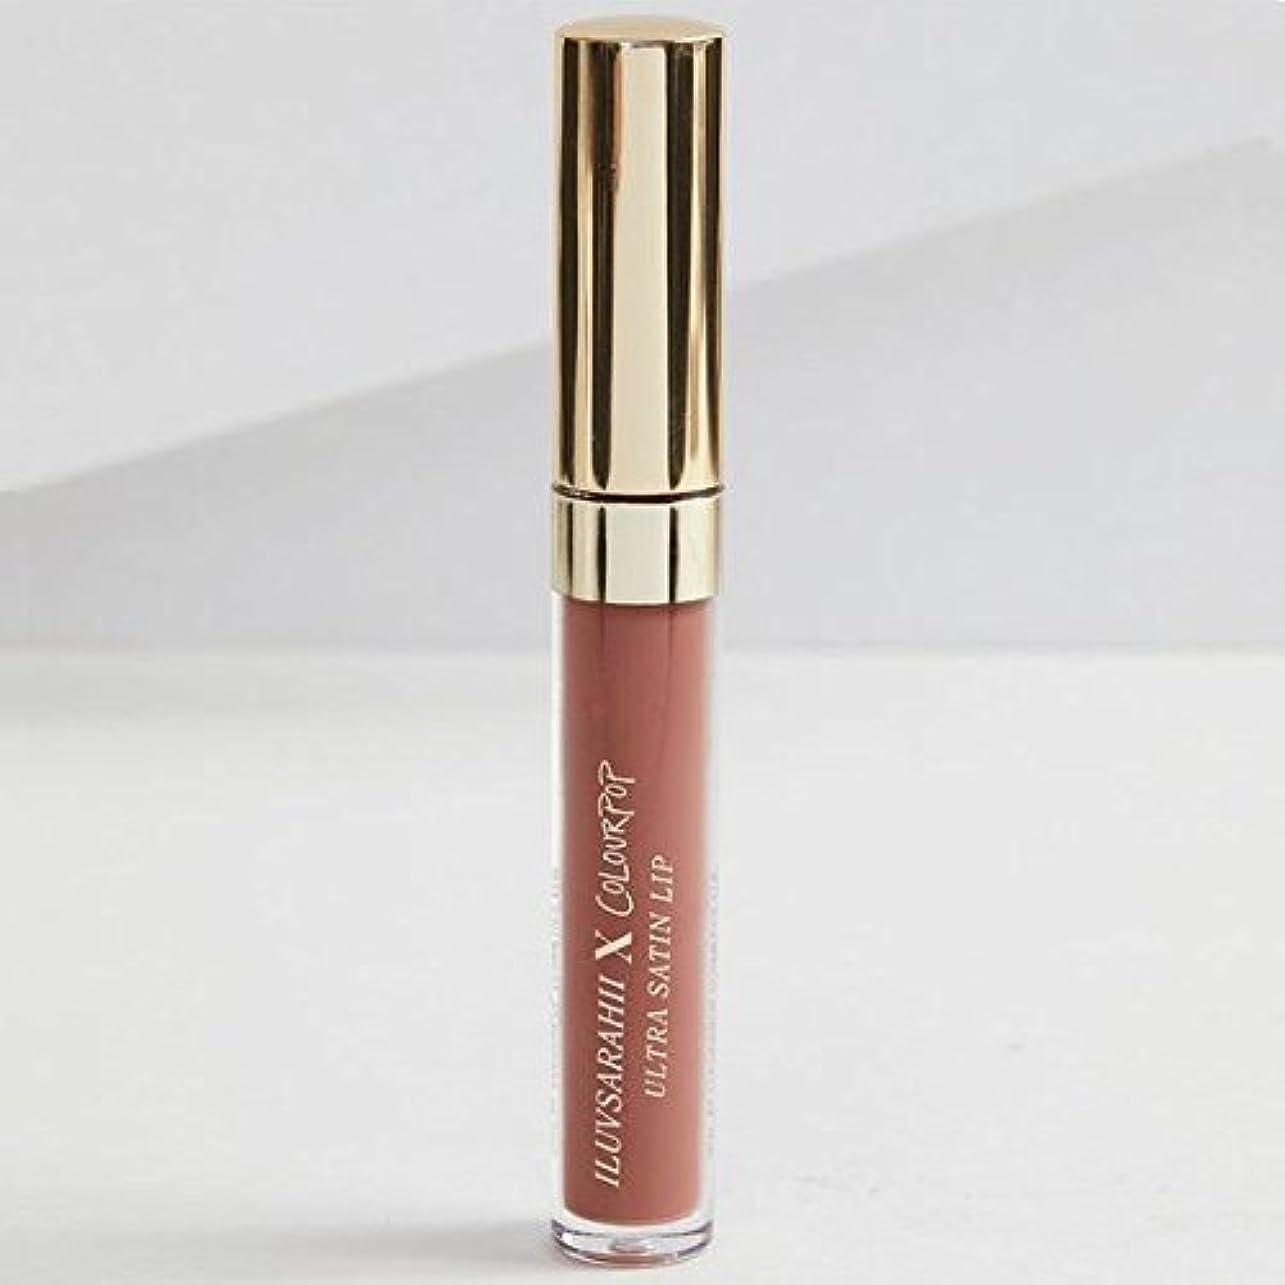 乞食式アリーナColourPop Ultra Satin Lip - Iluvsarahii x ColourPop - 951